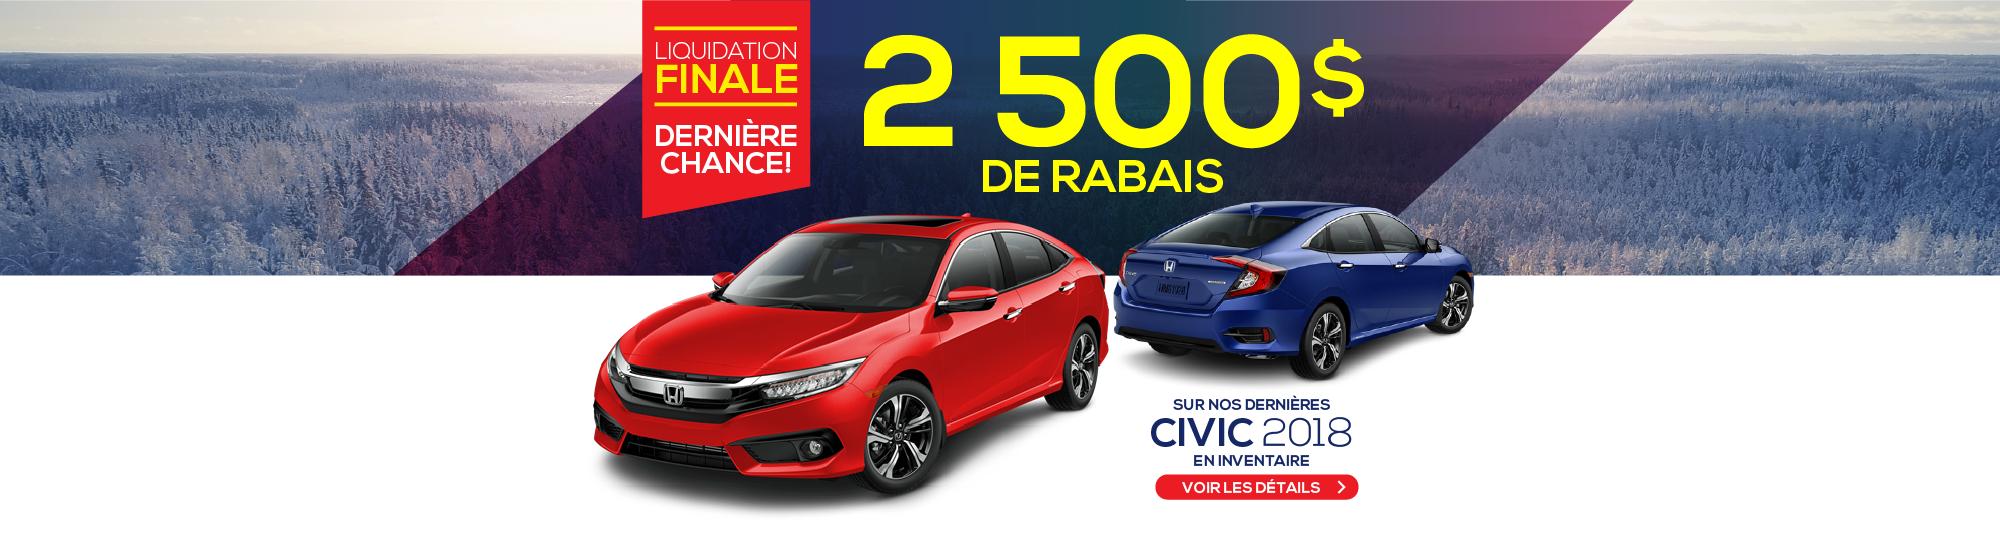 2500$ DE RABAIS - CIVIC 2018